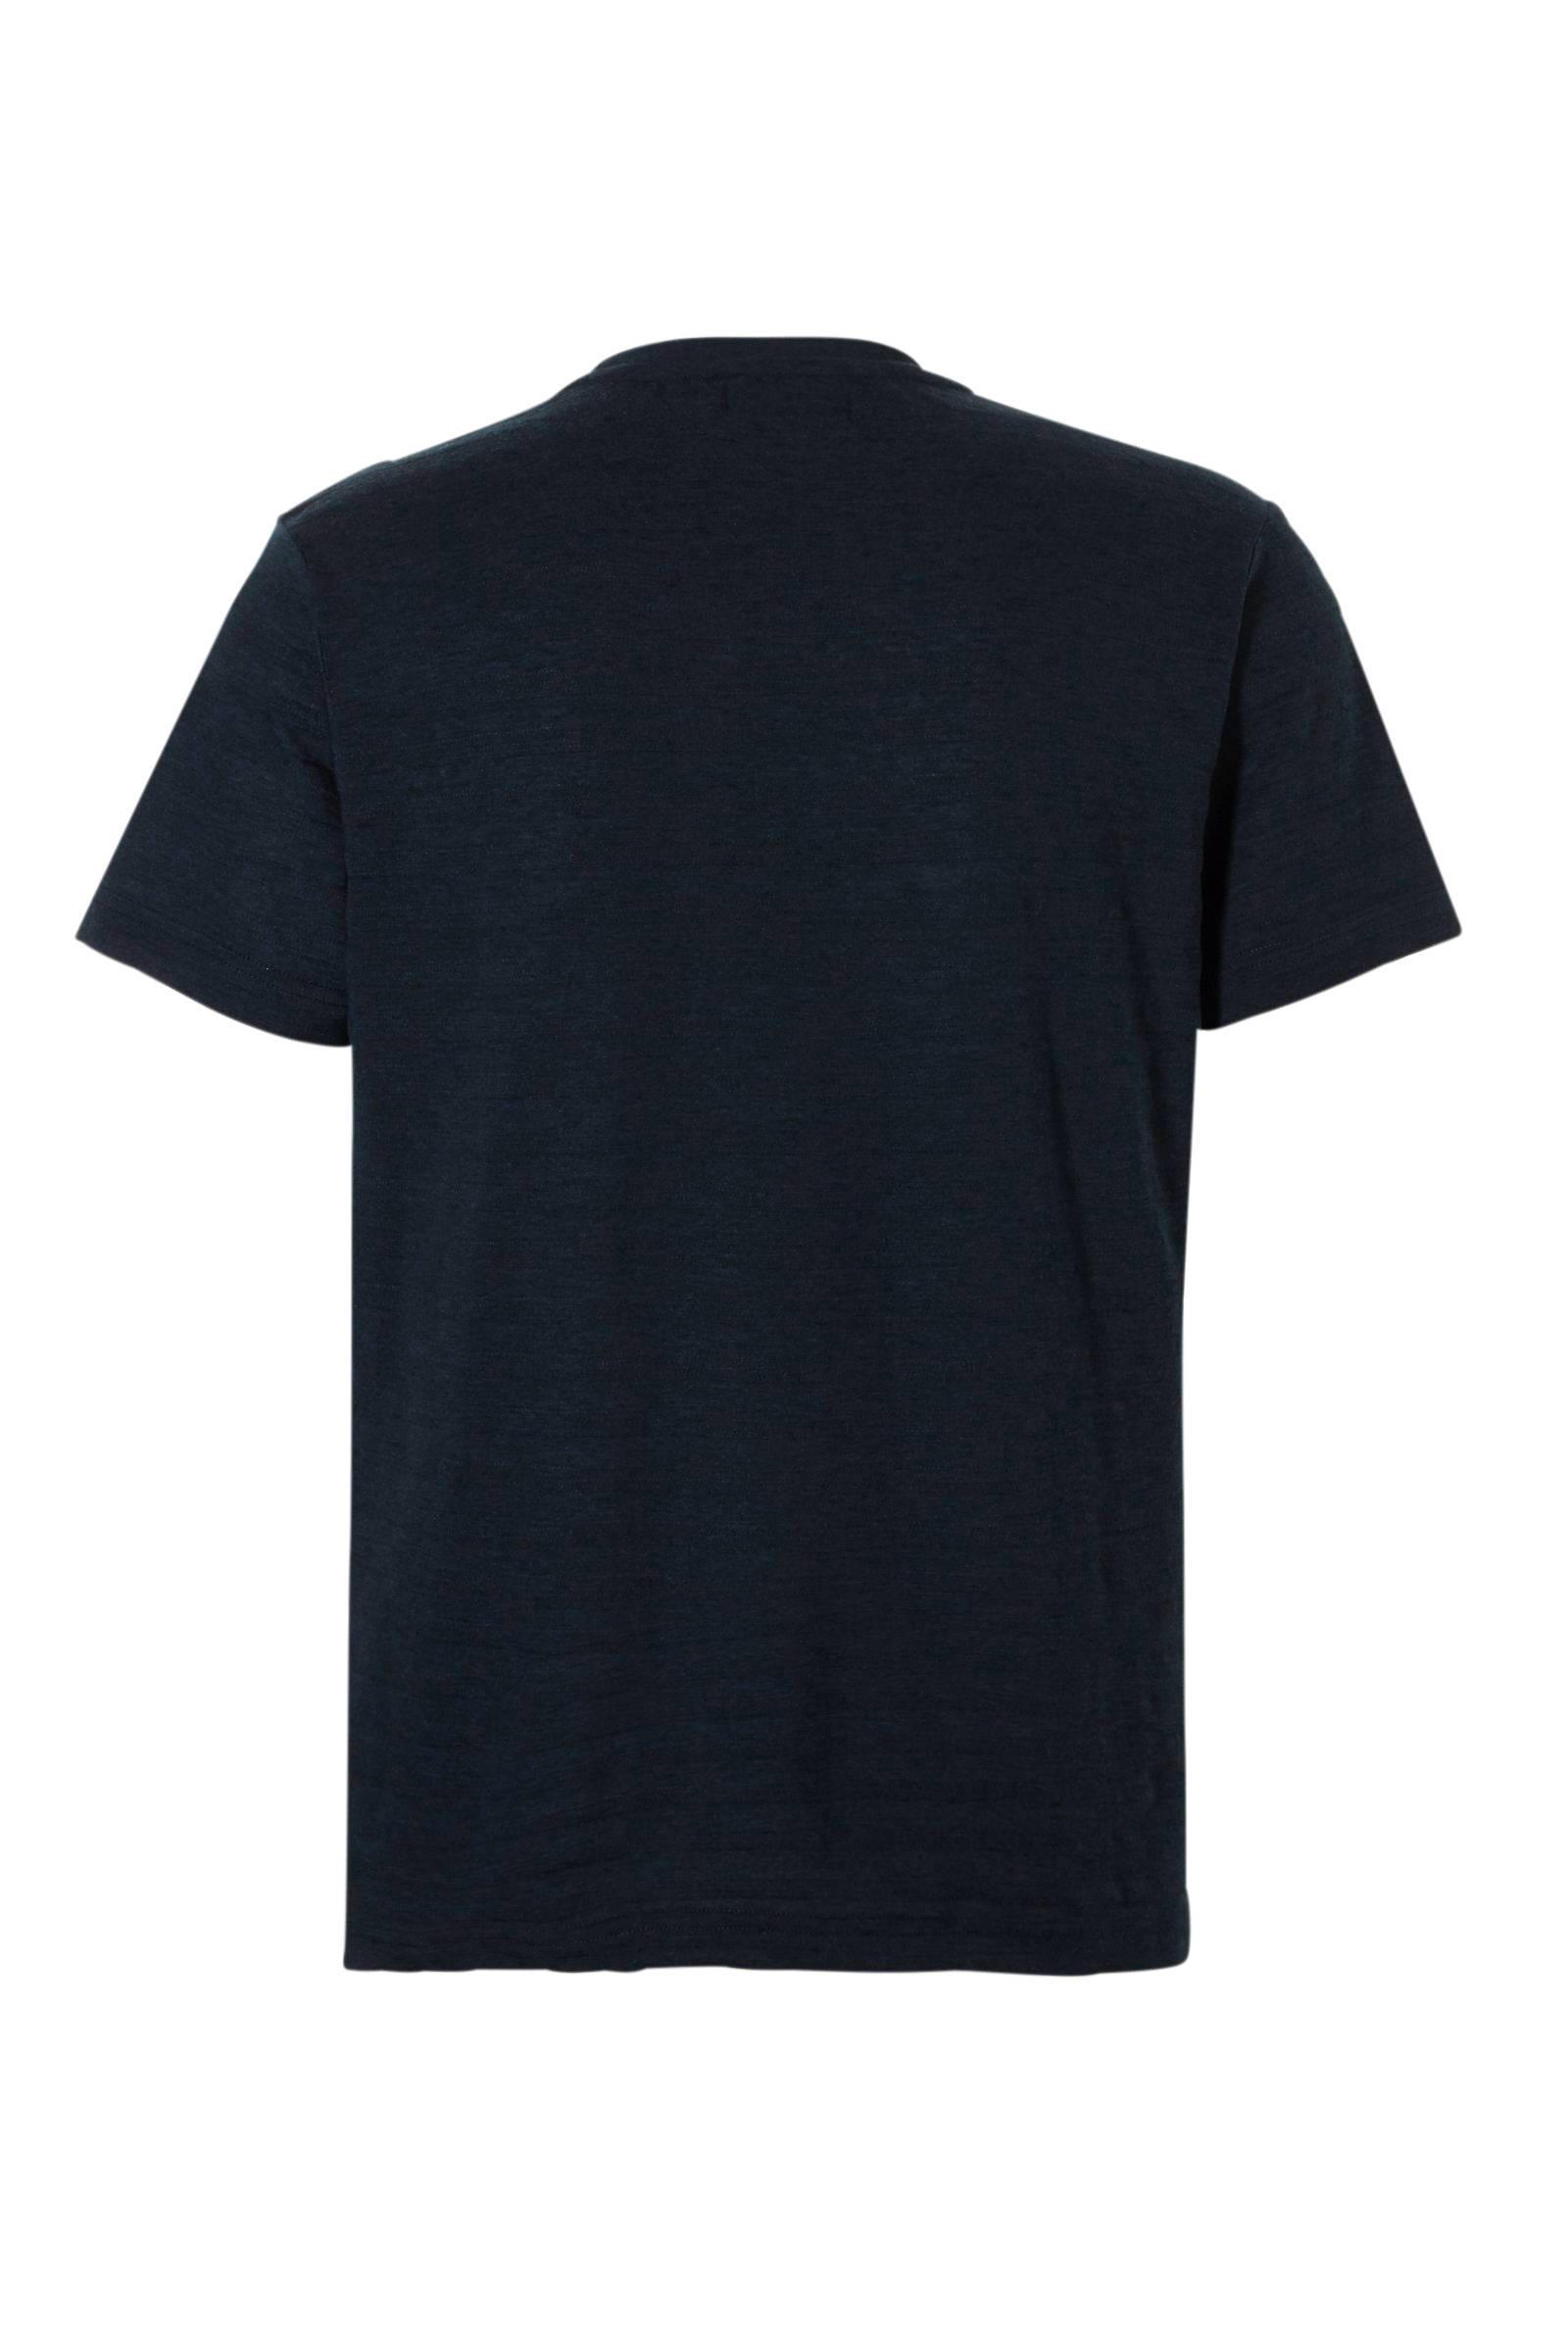 Matinique shirt T T Matinique shirt Matinique T HSHZ6Fx